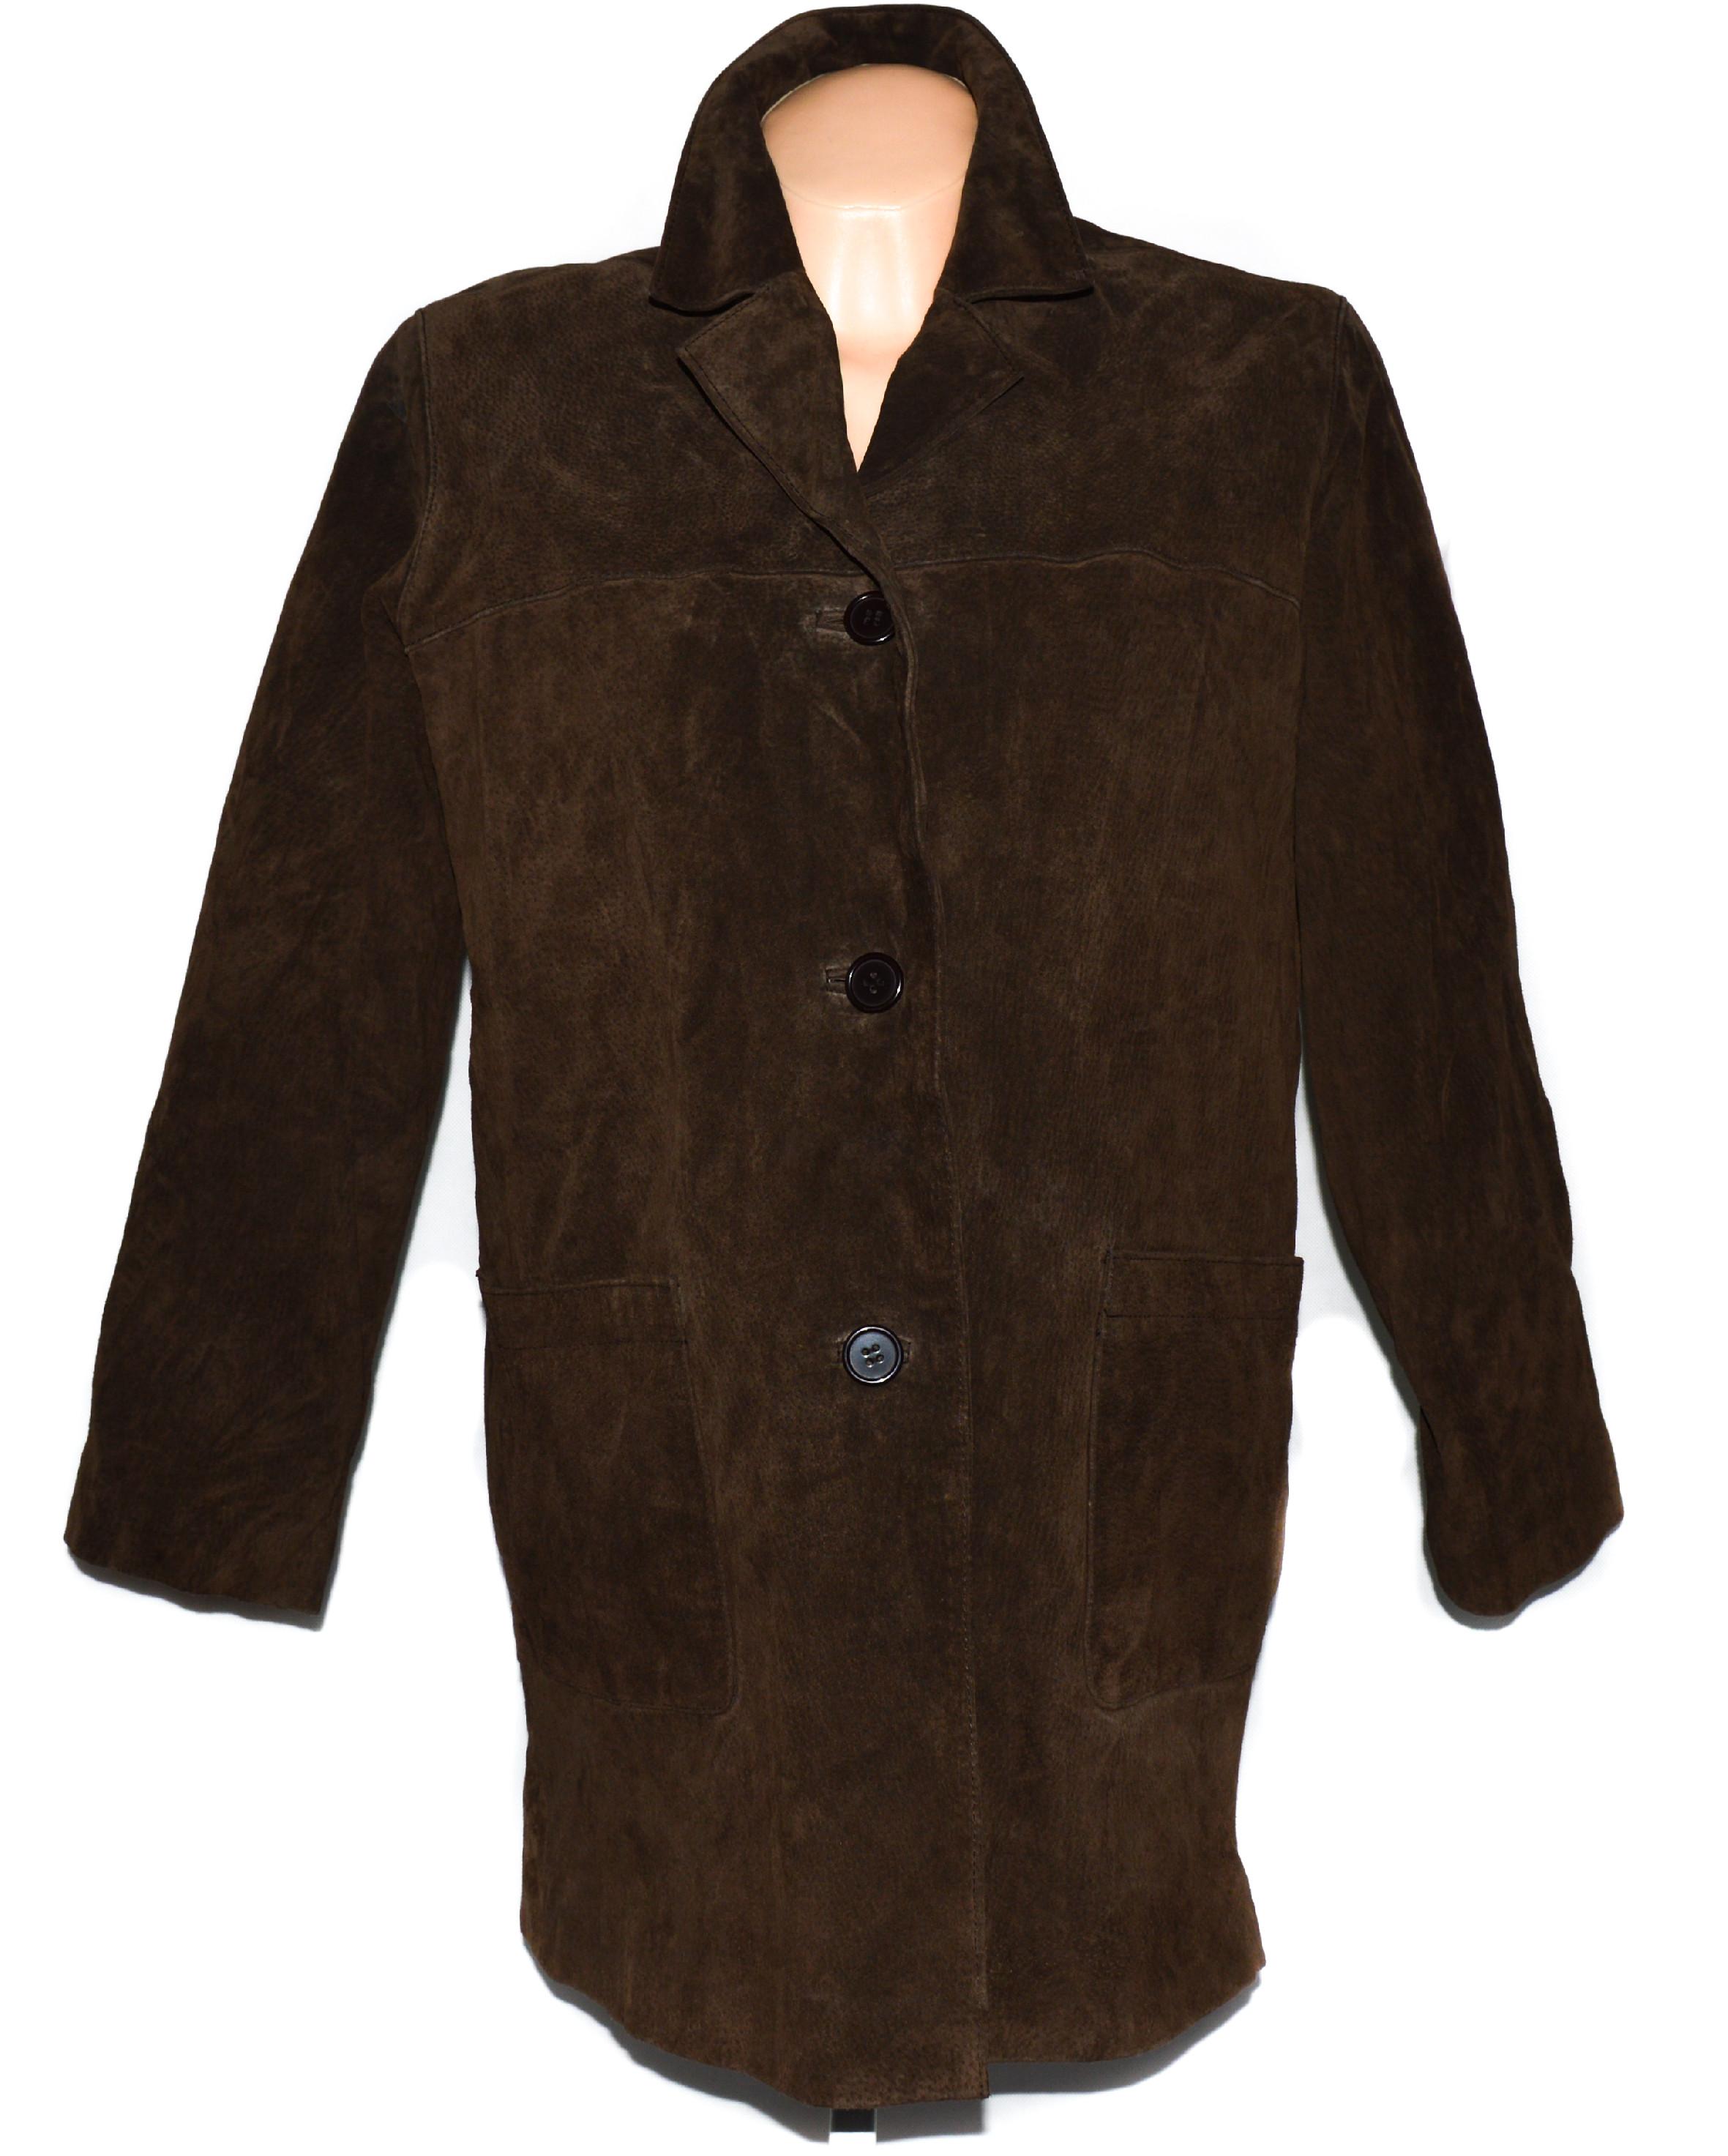 KOŽENÝ dámský hnědý broušený kabát HUDSON XL